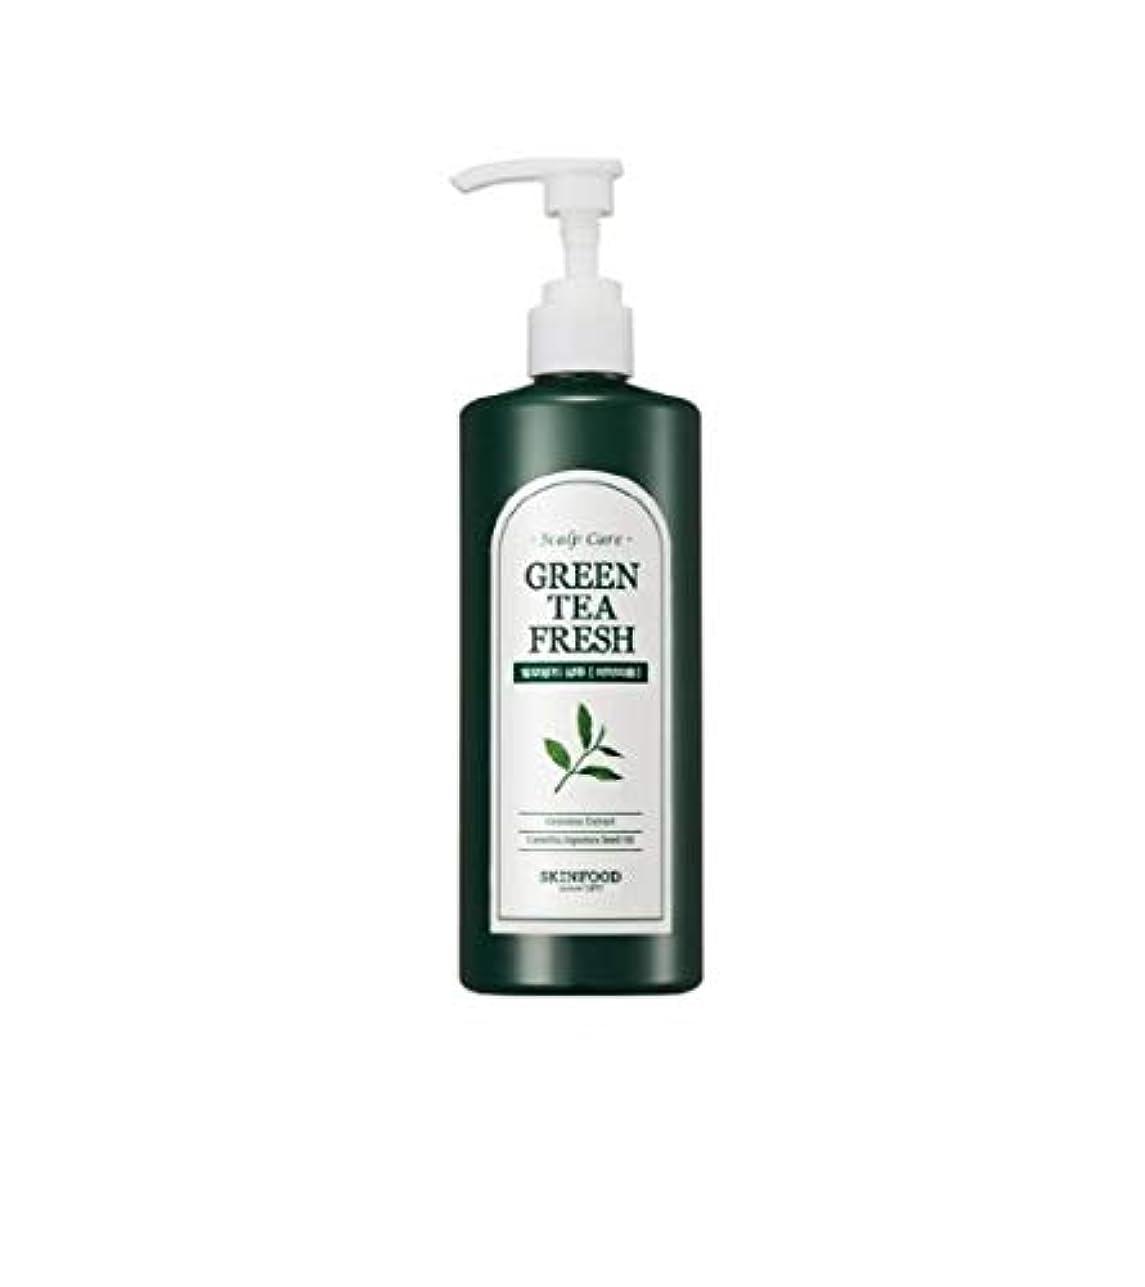 のぞき見イーウェルスクレーパーSkinfood グリーンティーフレッシュシャンプー/Greentea Fresh Shampoo 400ml [並行輸入品]